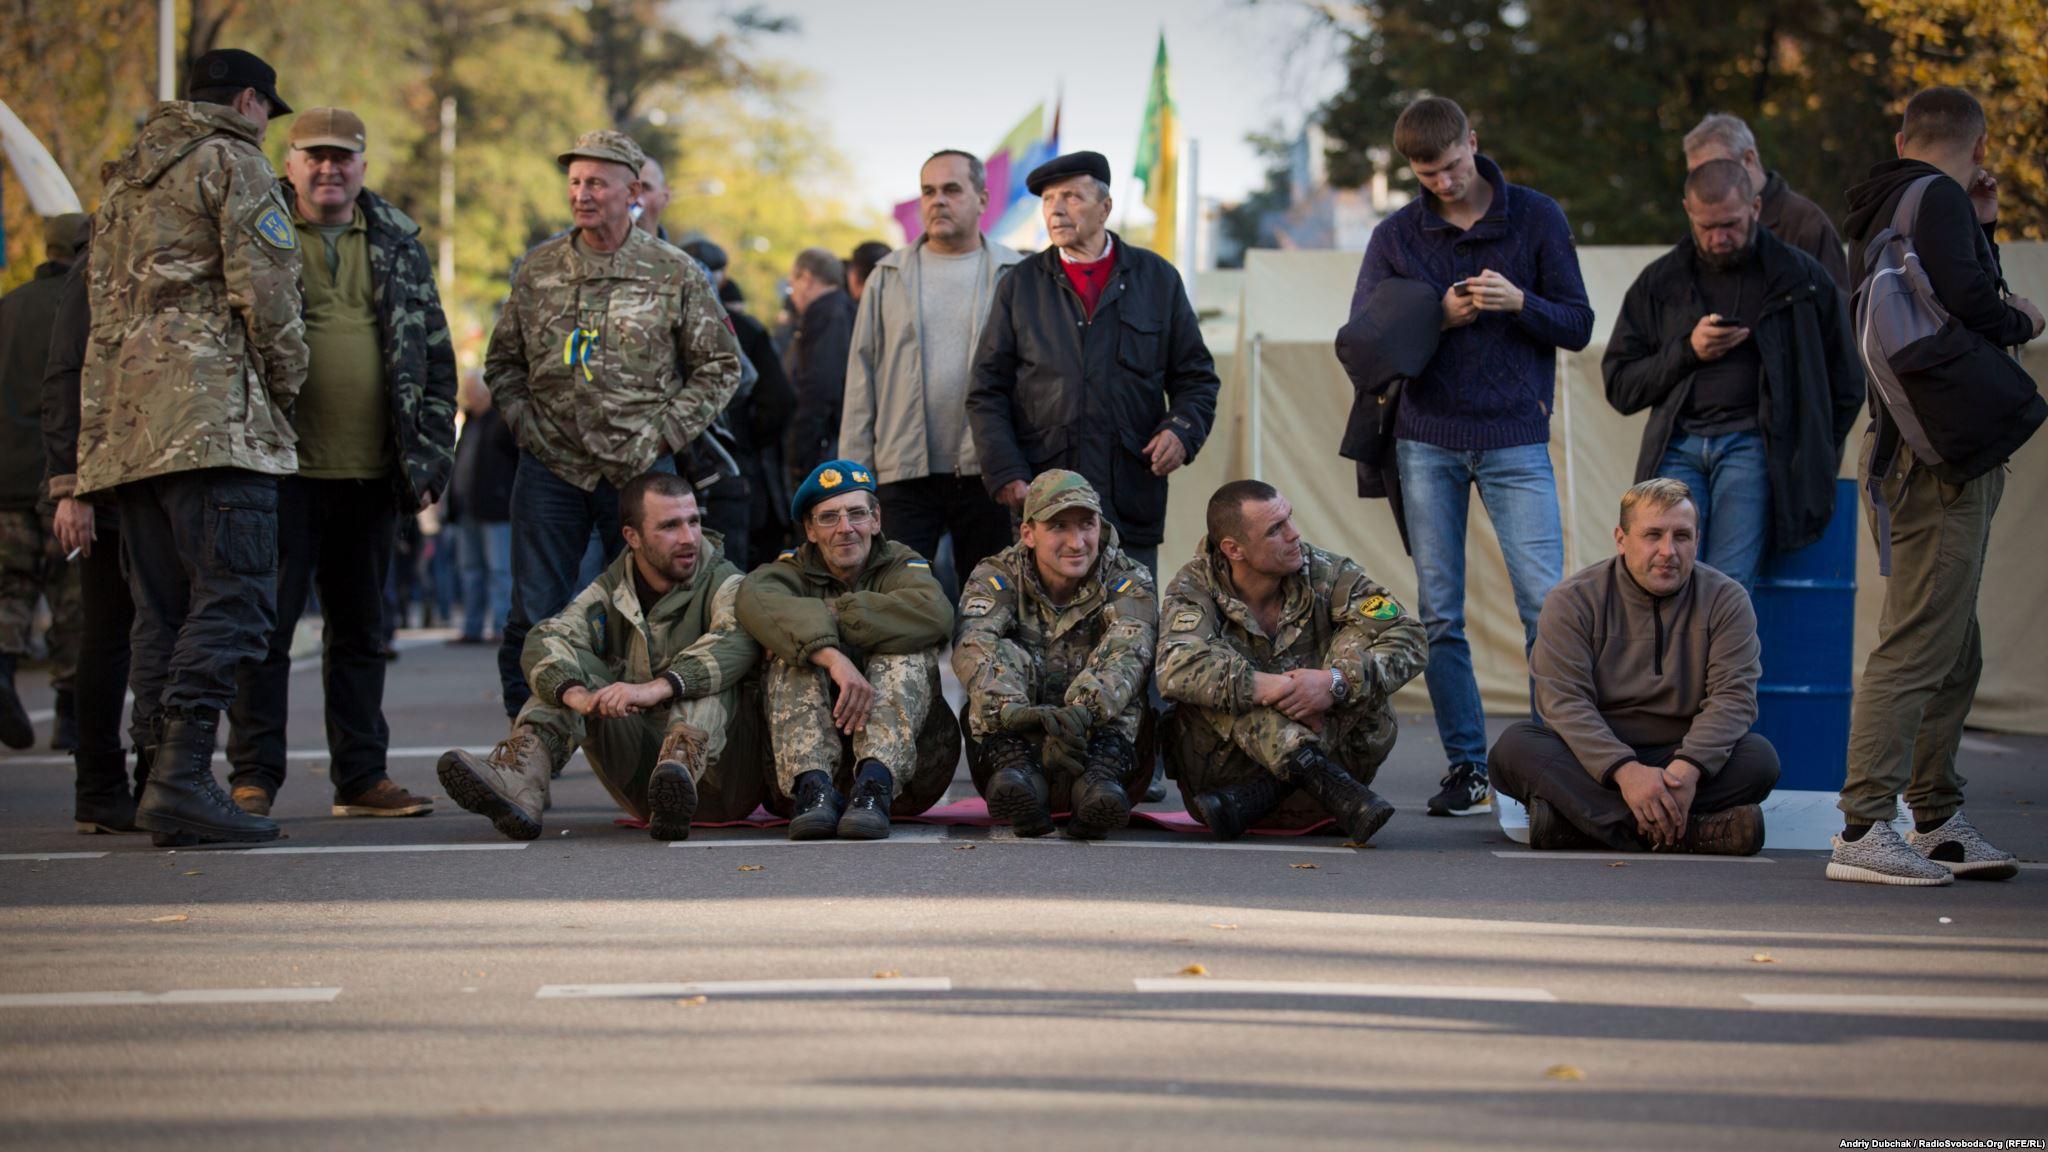 Обличчя людей які мітингуют біля Верховної Ради (фотограф Андрей Дубчак / Andriy Dubchak)